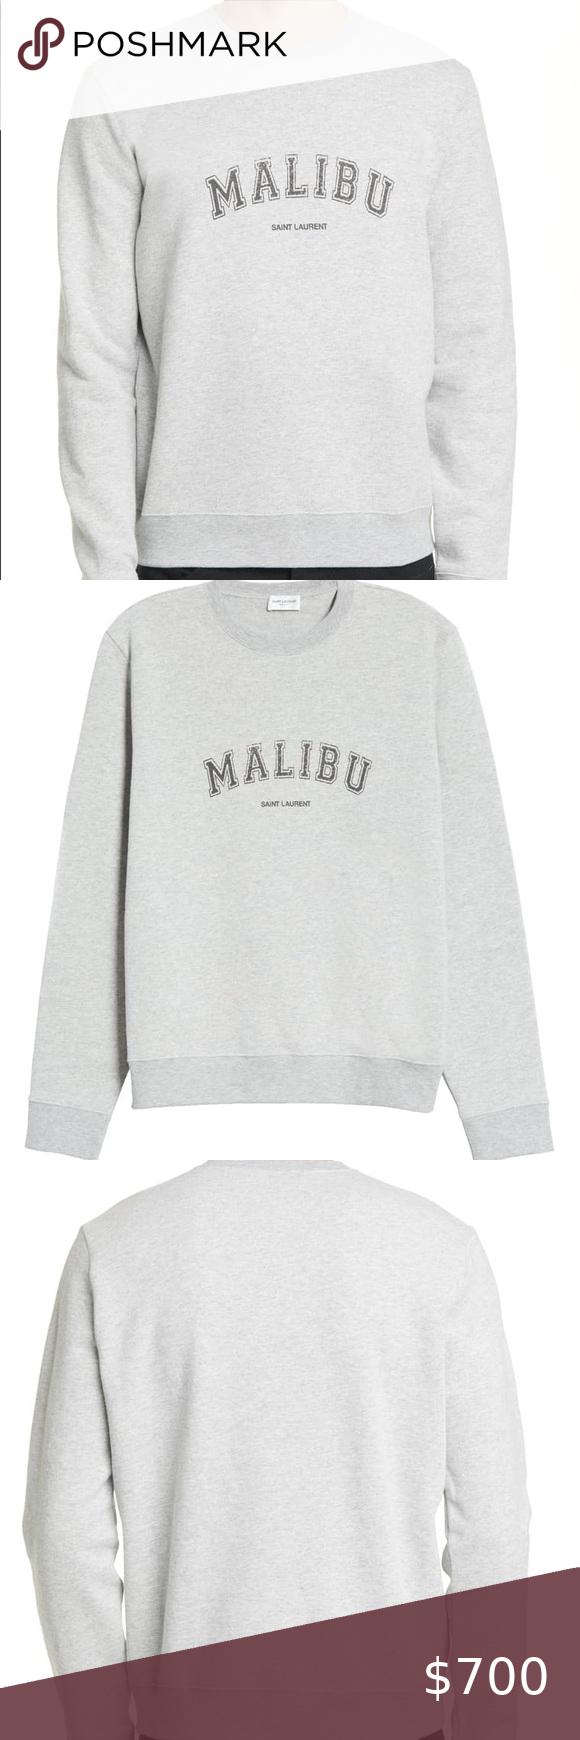 Saint Laurent Malibu Graphic Crewneck Sweatshirt In 2020 Crew Neck Sweatshirt Sweatshirts Sweatshirt Fleece [ 1740 x 580 Pixel ]